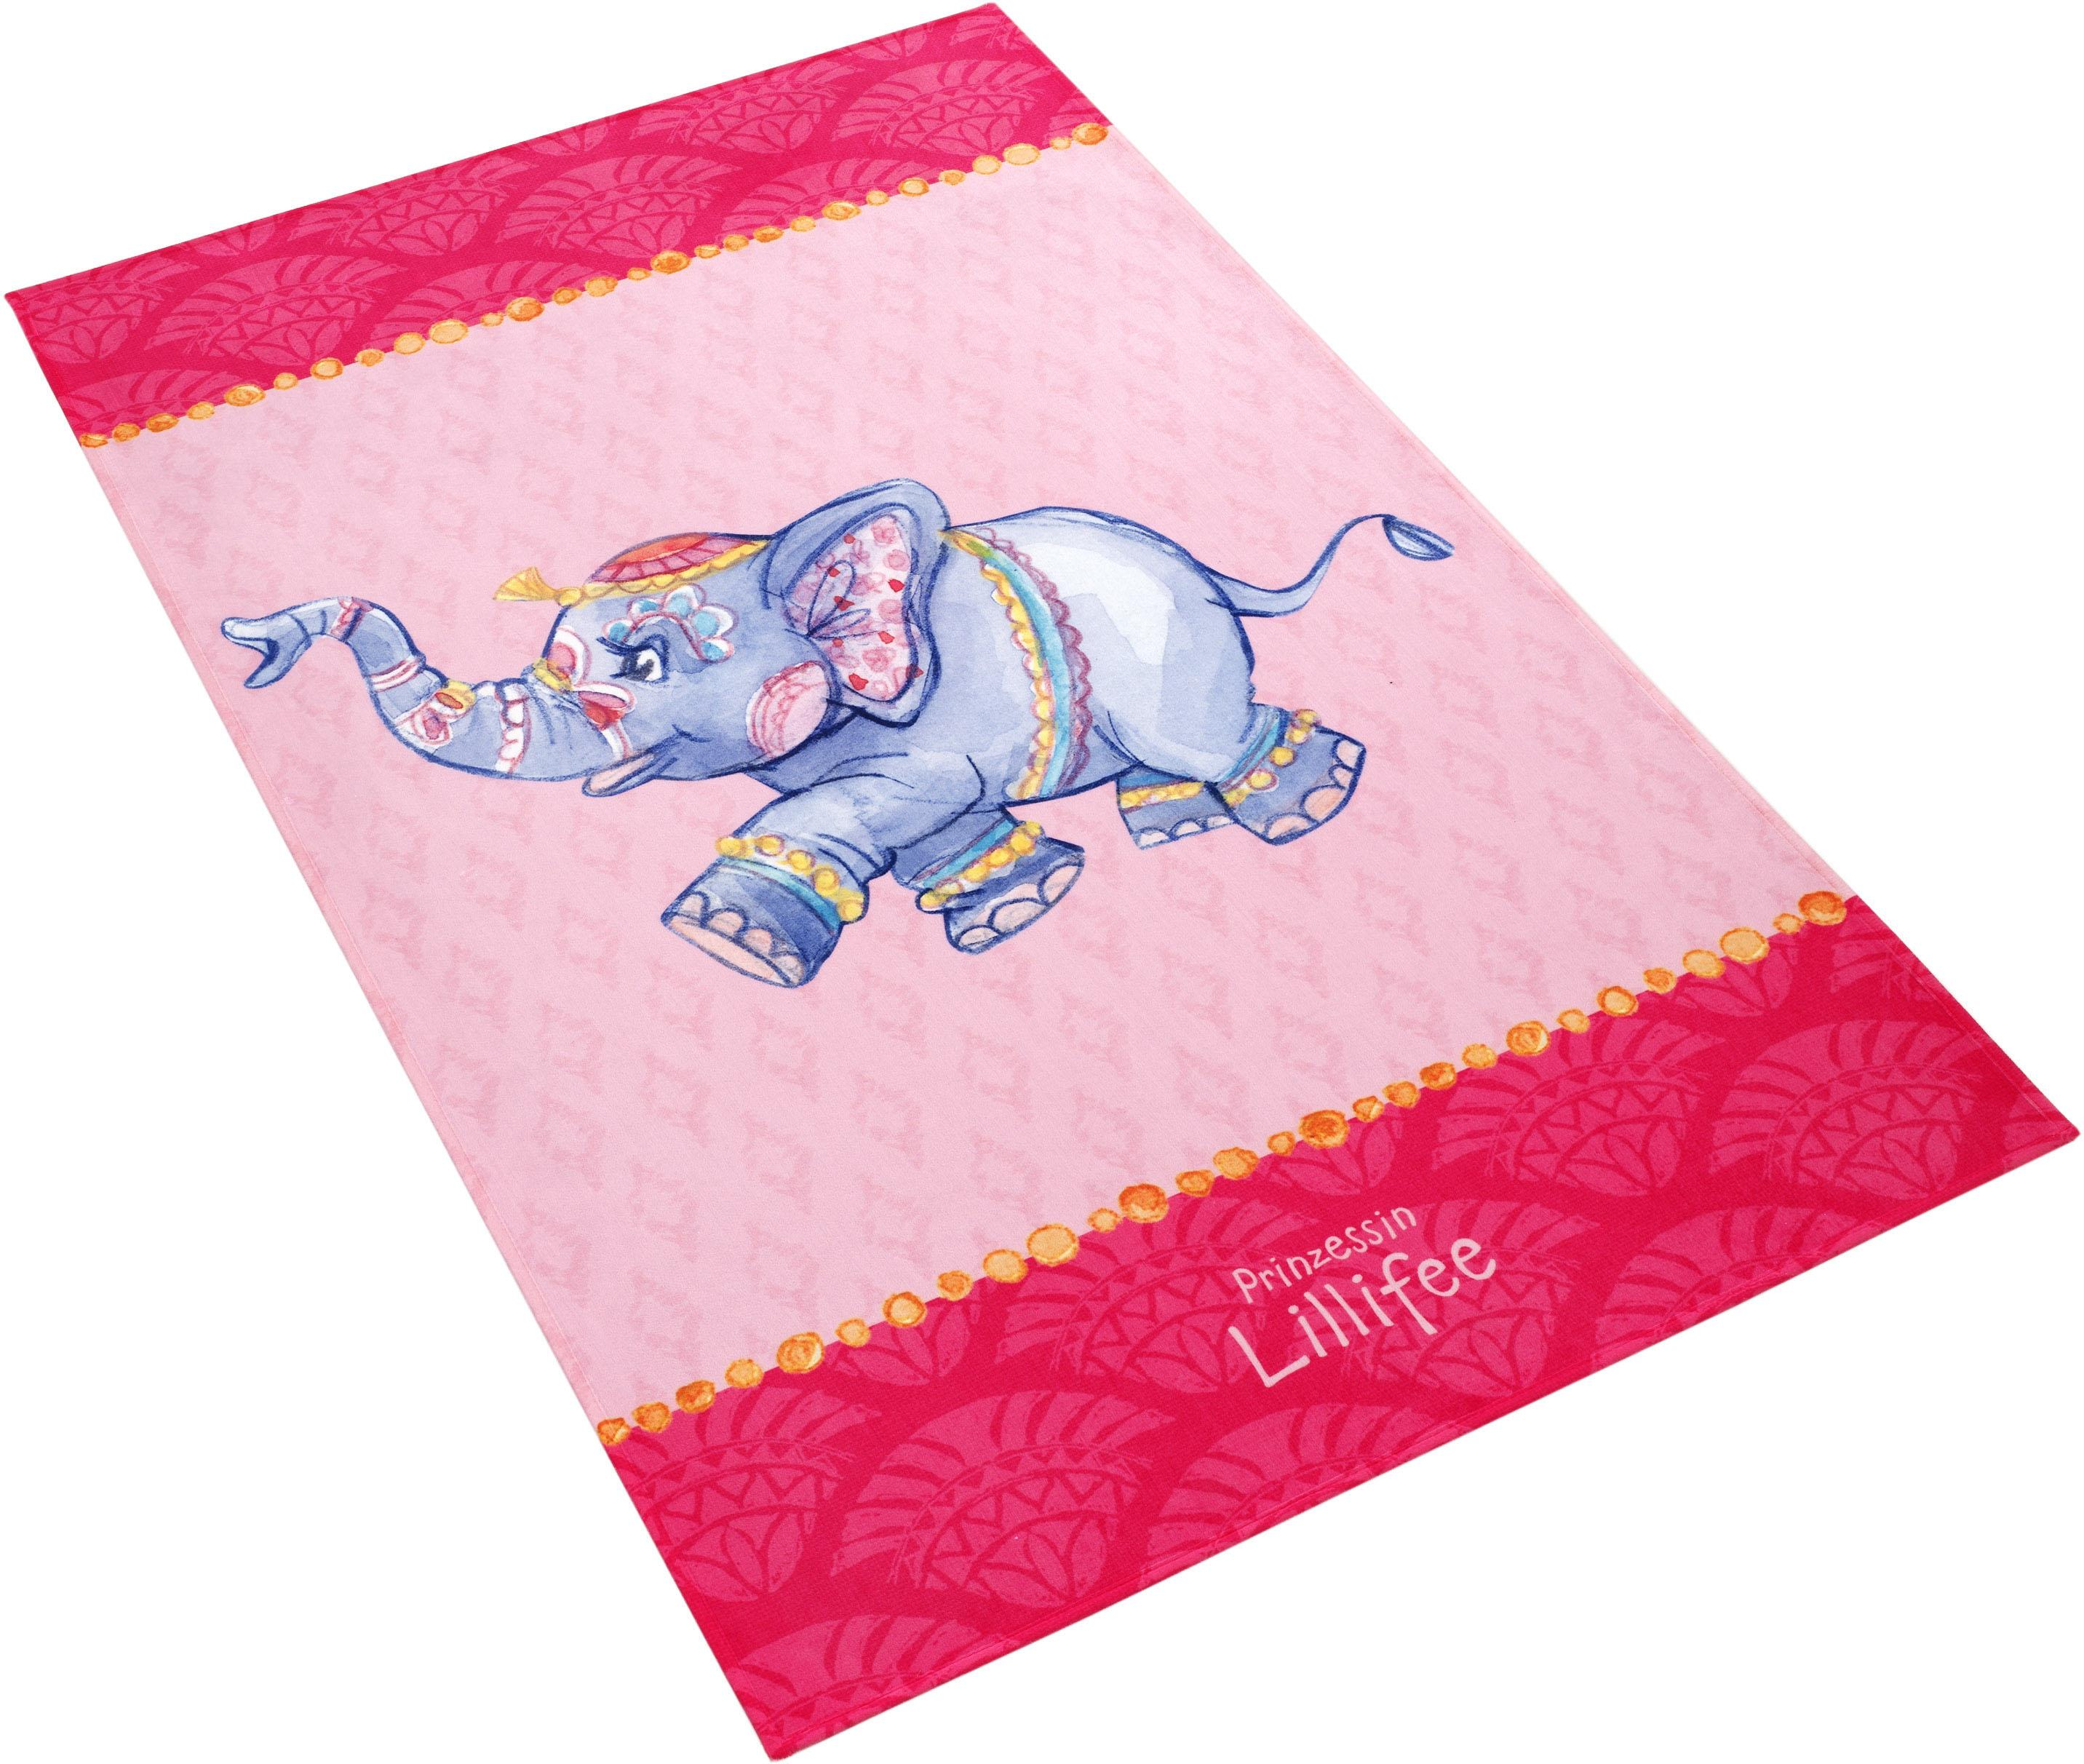 Kinderteppich LI-112 Prinzessin Lillifee rechteckig Höhe 6 mm gedruckt